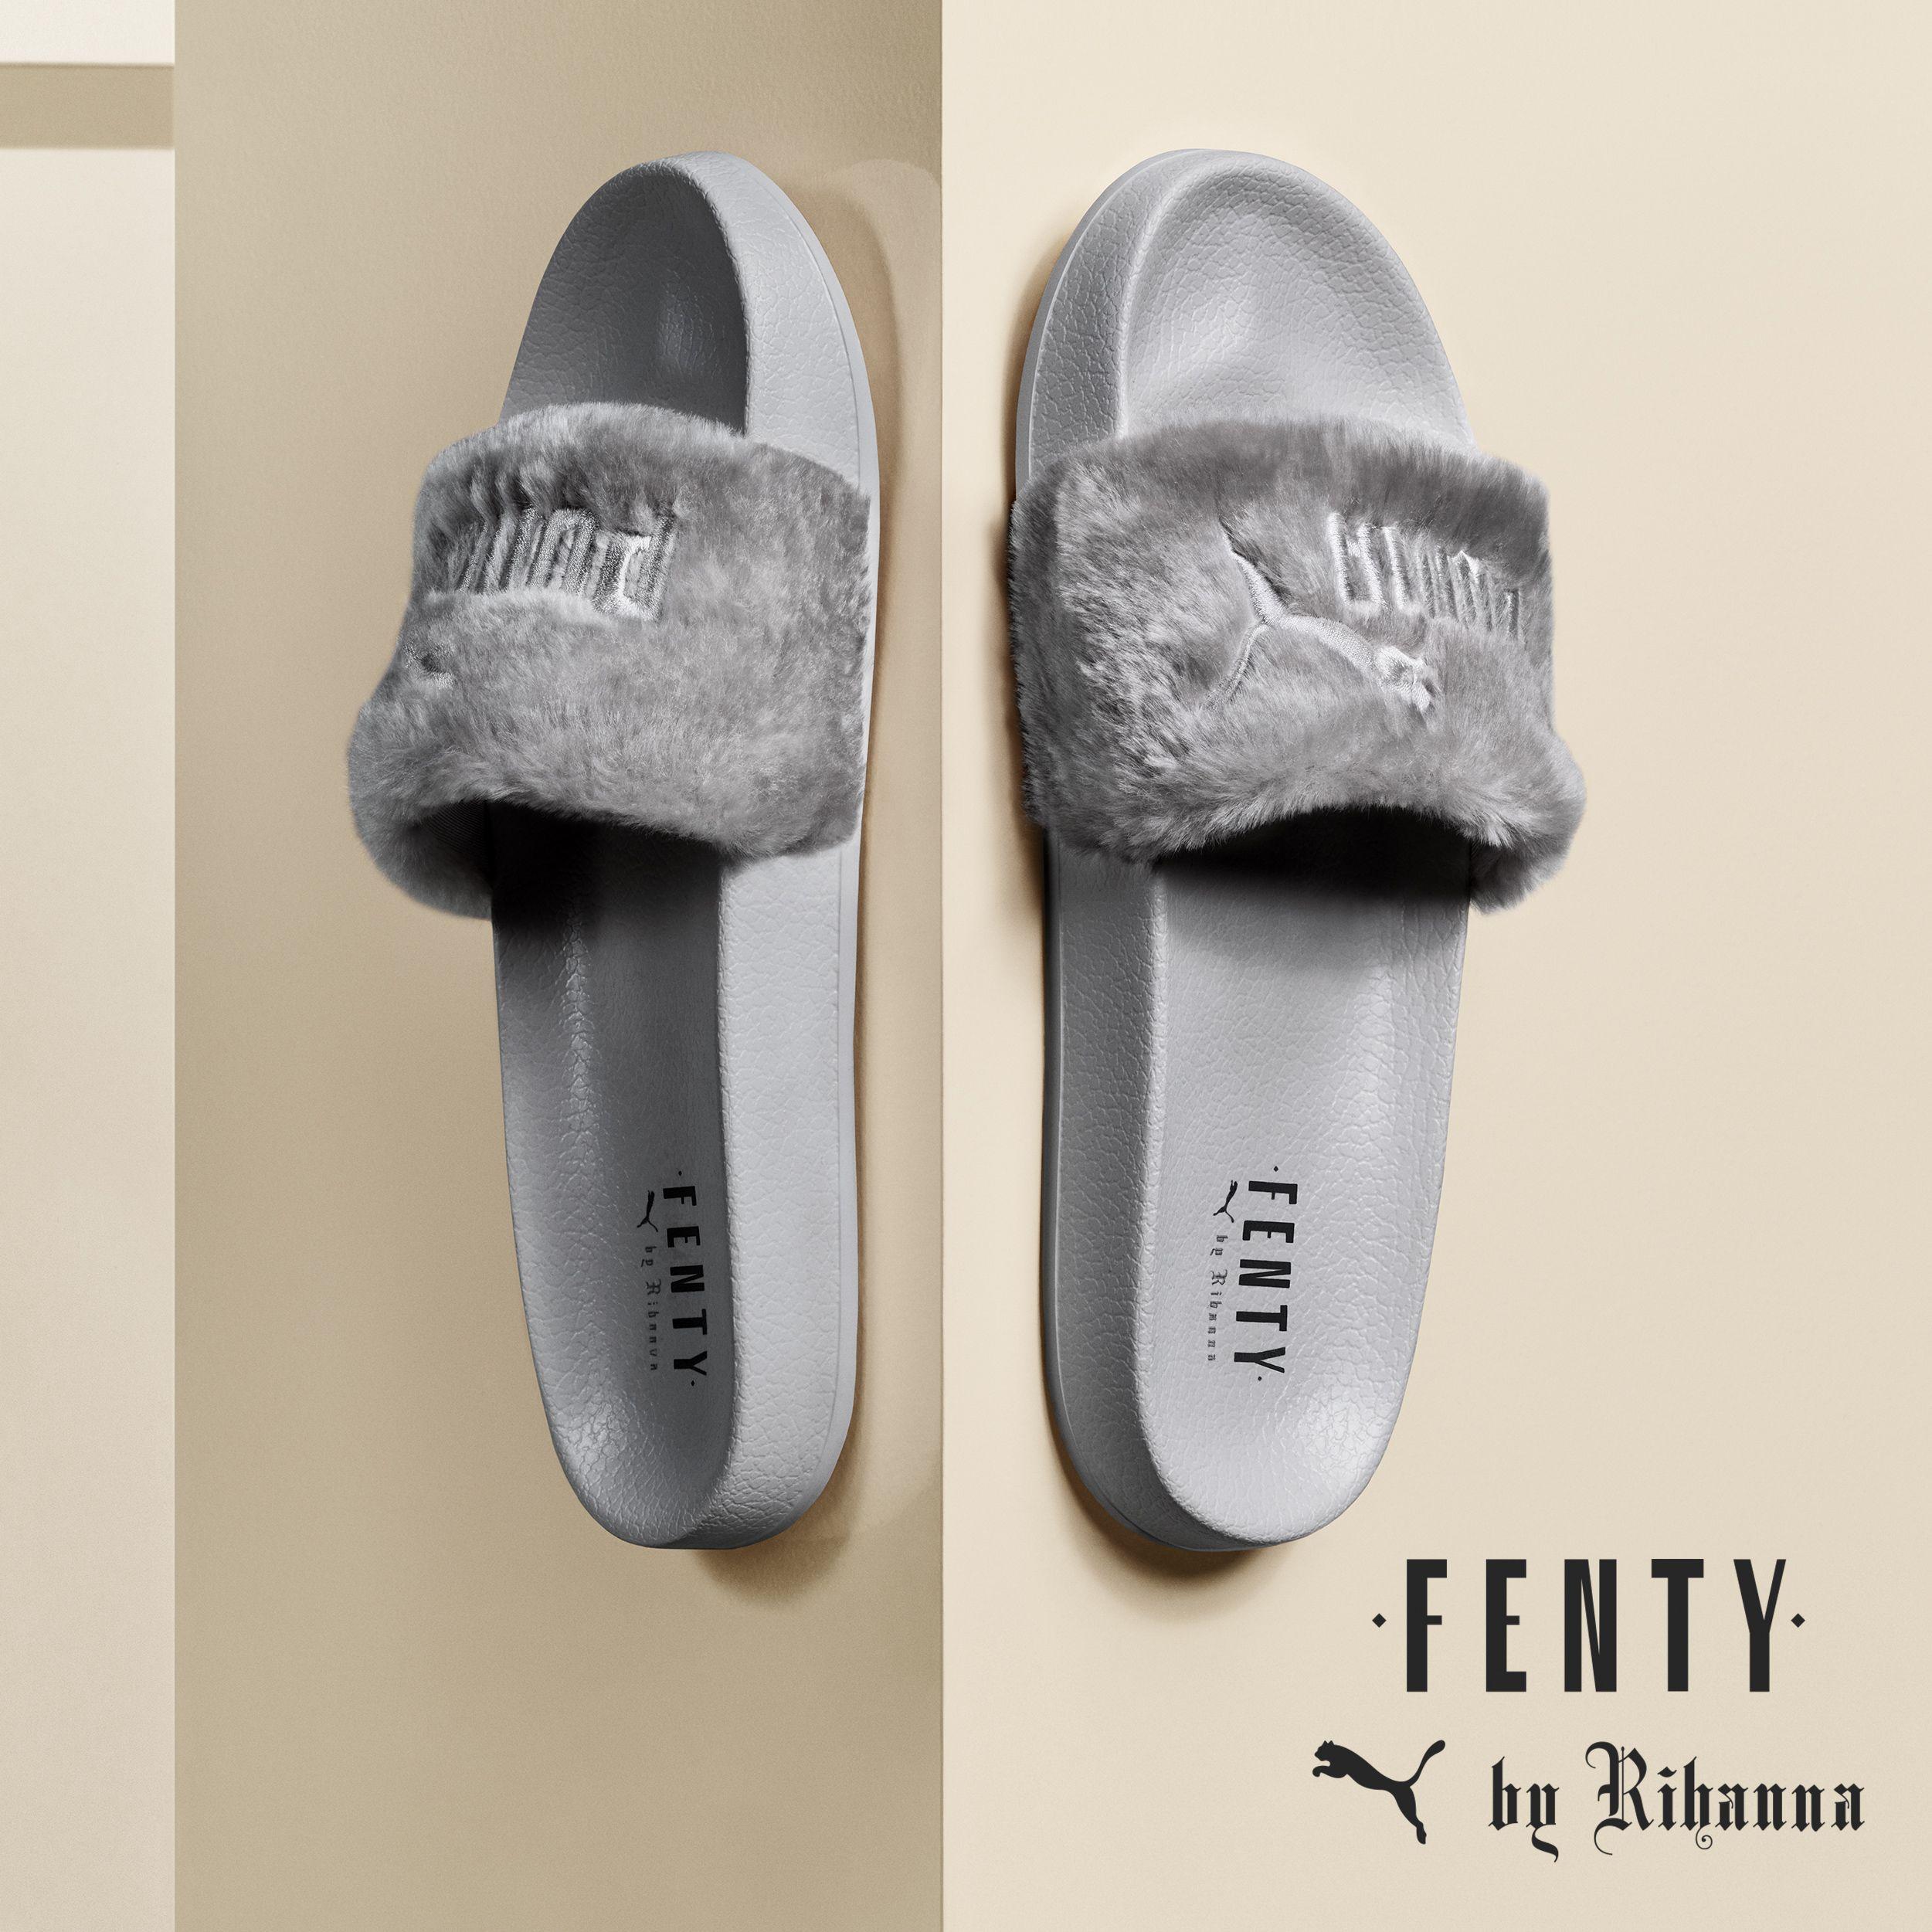 d3fe9b27b11aa Uma seleção de slide sandals para você se apaixonar e arrasar nos looks de  verão